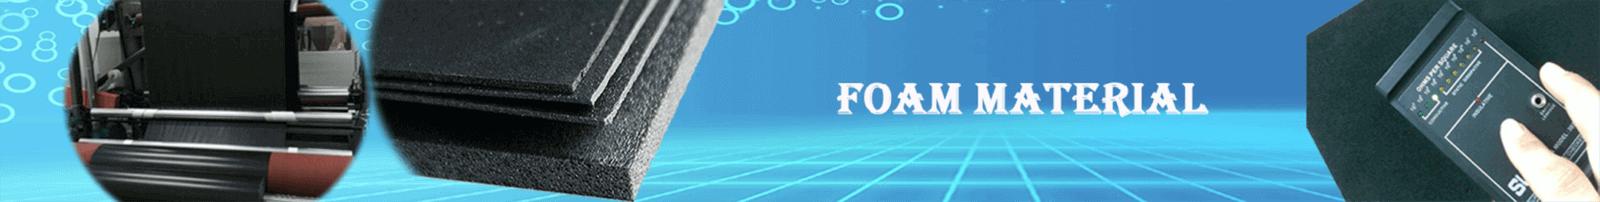 ESD foam tray